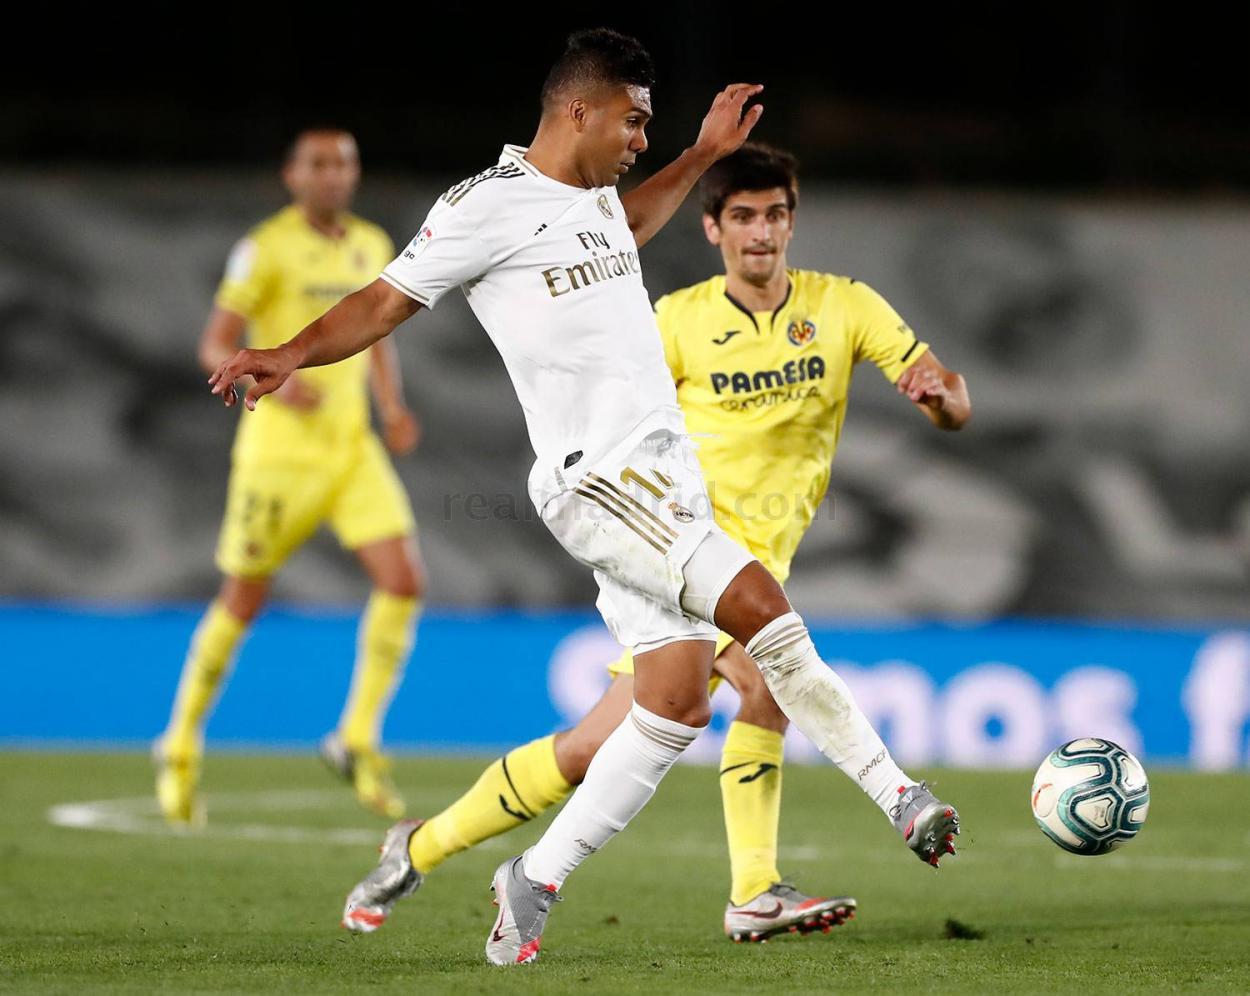 Casemiro fue clave en el 2-1 de la segunda vuelta de LaLiga Santander 19/20 | Fuente: www.realmadrid.com